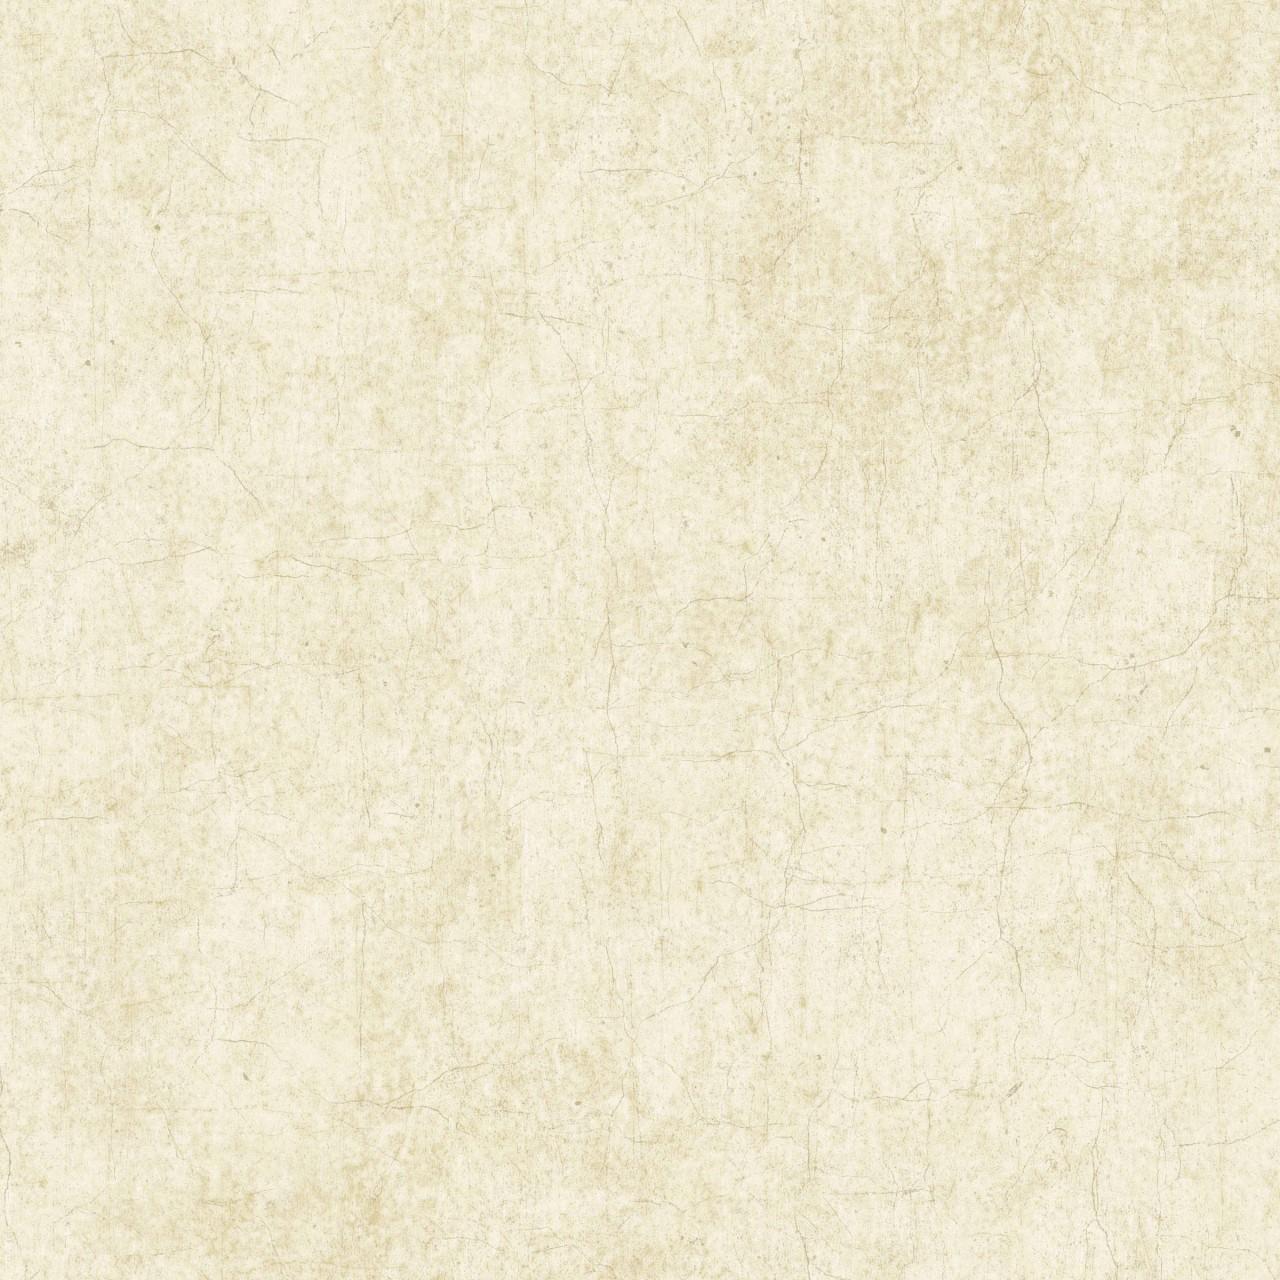 Cream Textured Wallpaper   Textured Wallpaper 1280x1280